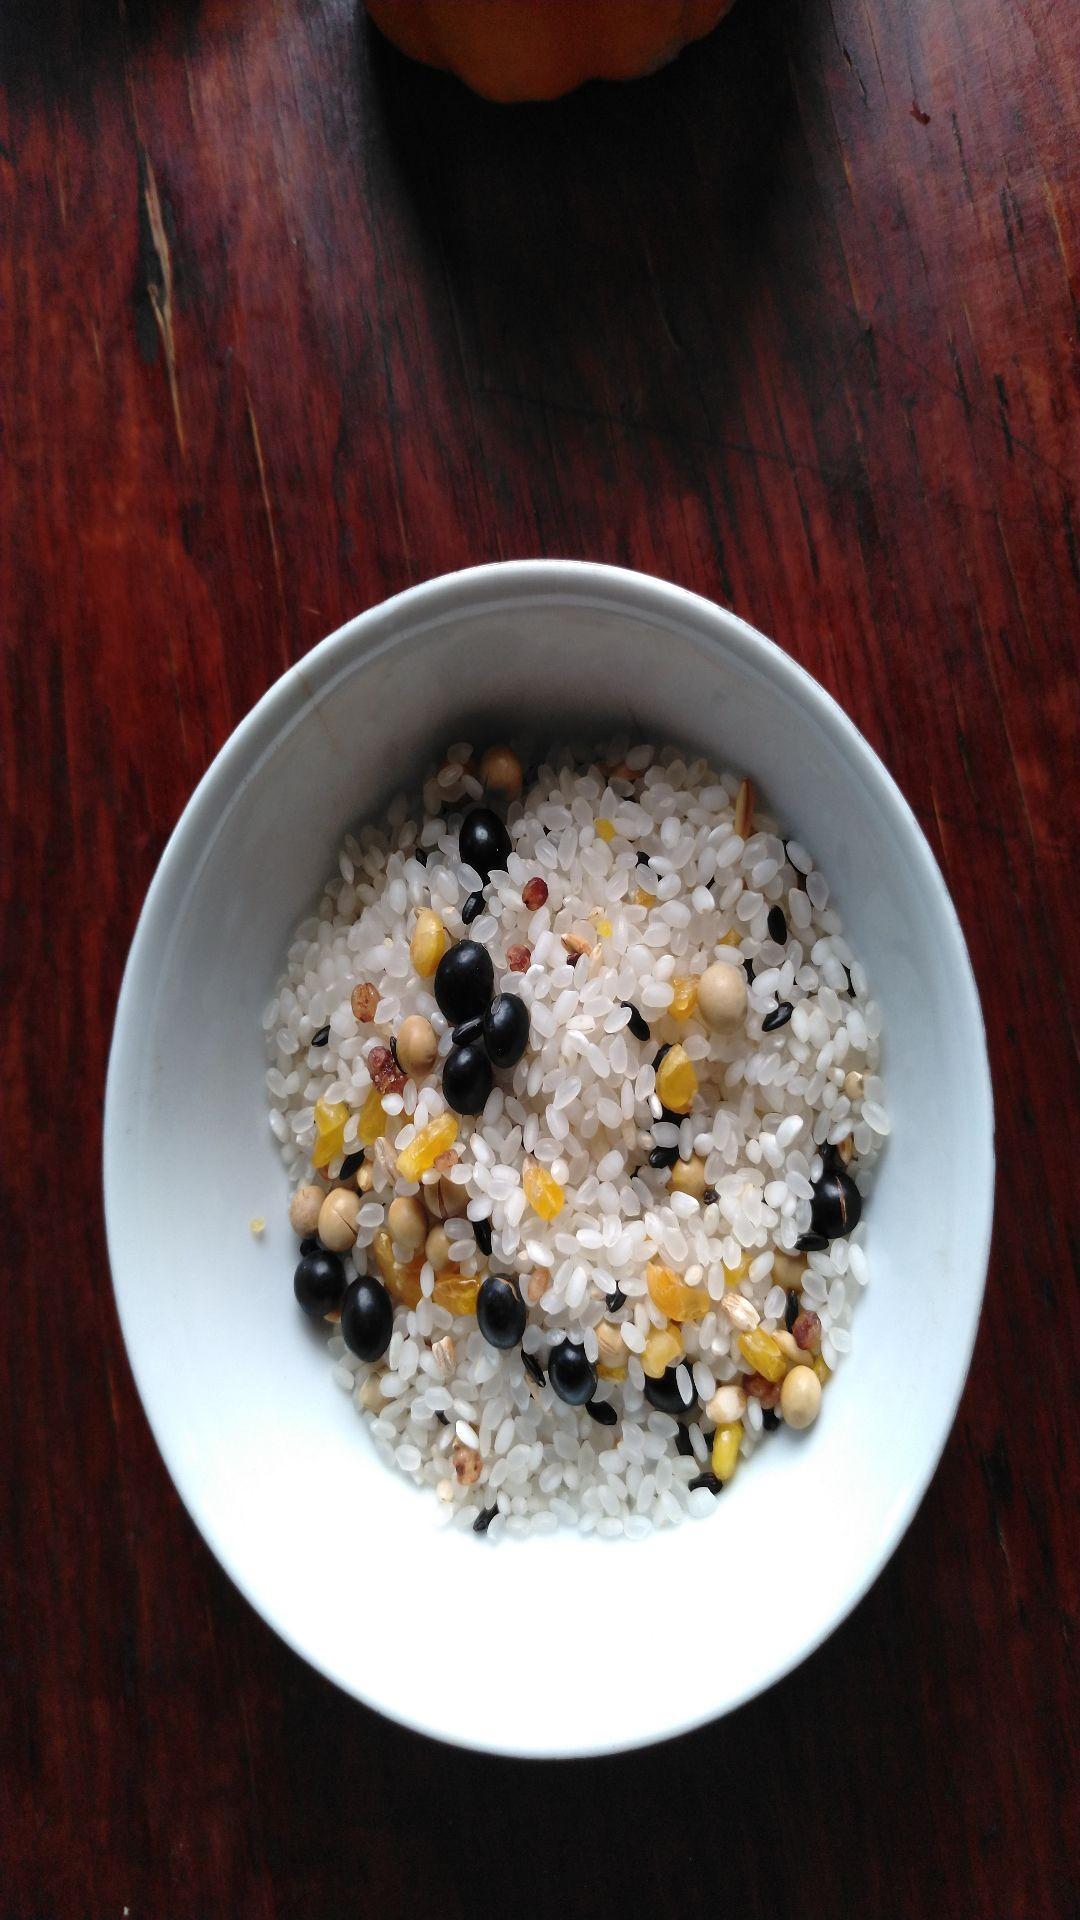 香肠焖谷米饭的做法图解